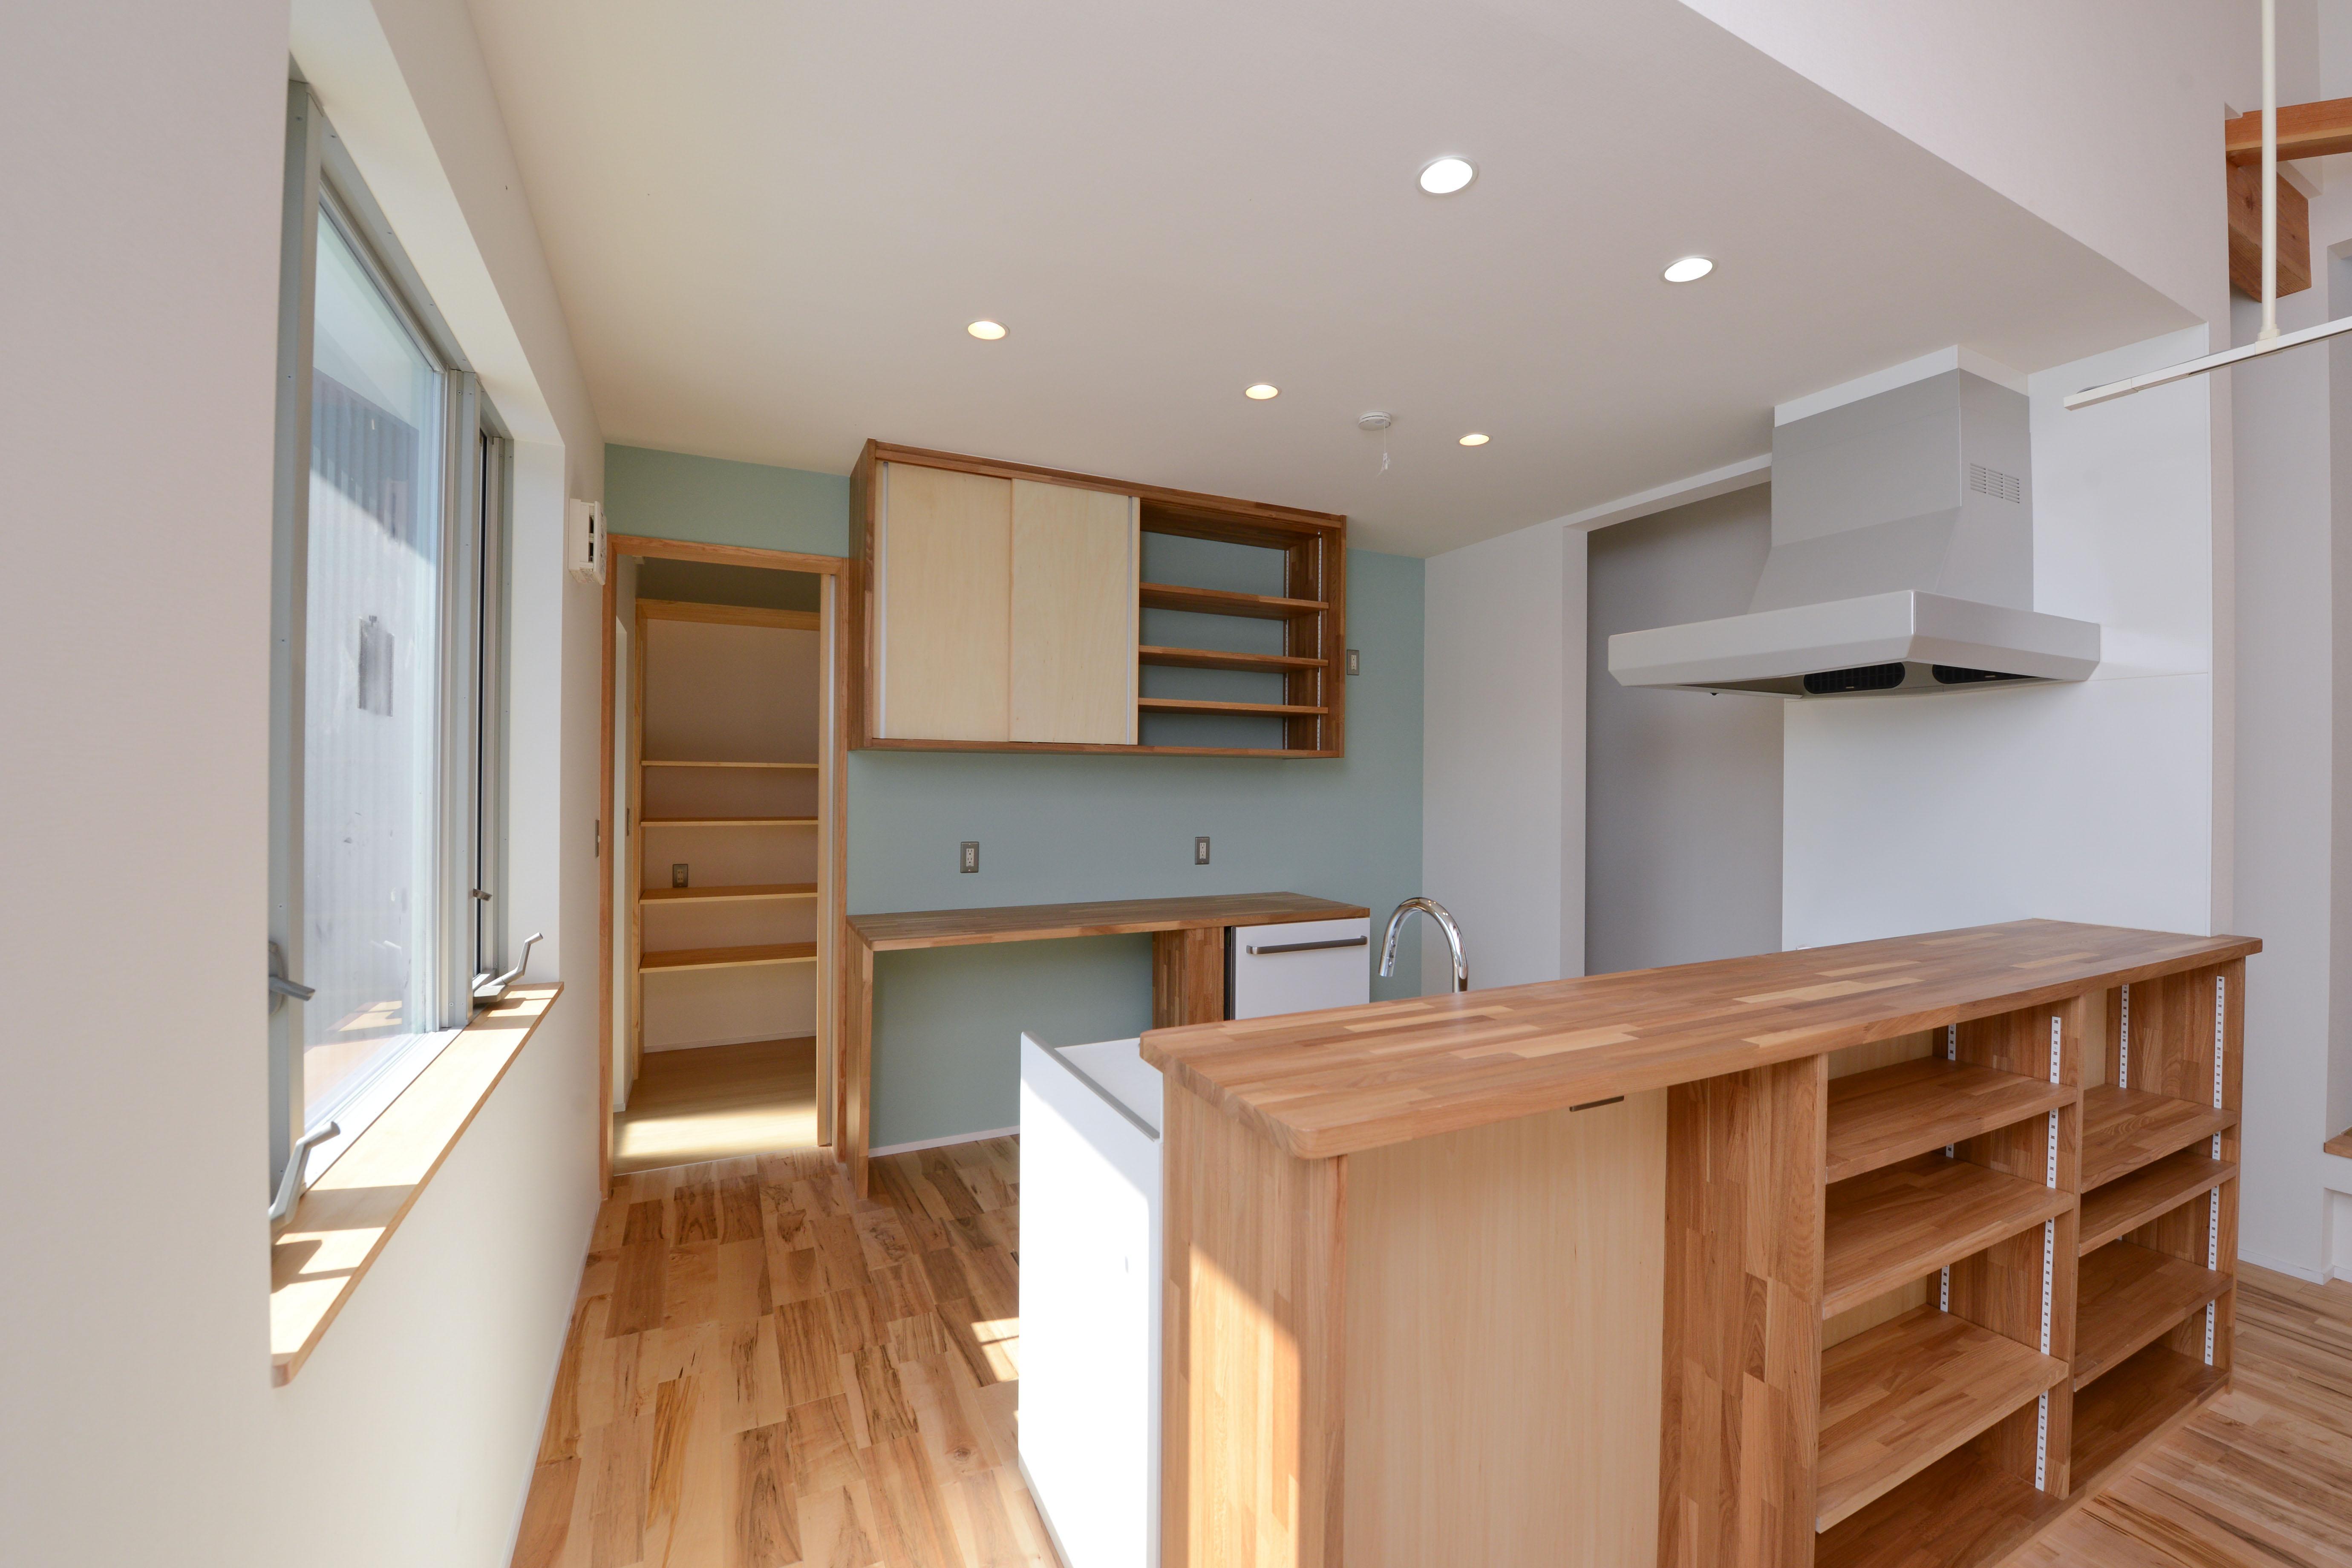 豊田市の家2の部屋 収納たっぷりのキッチン